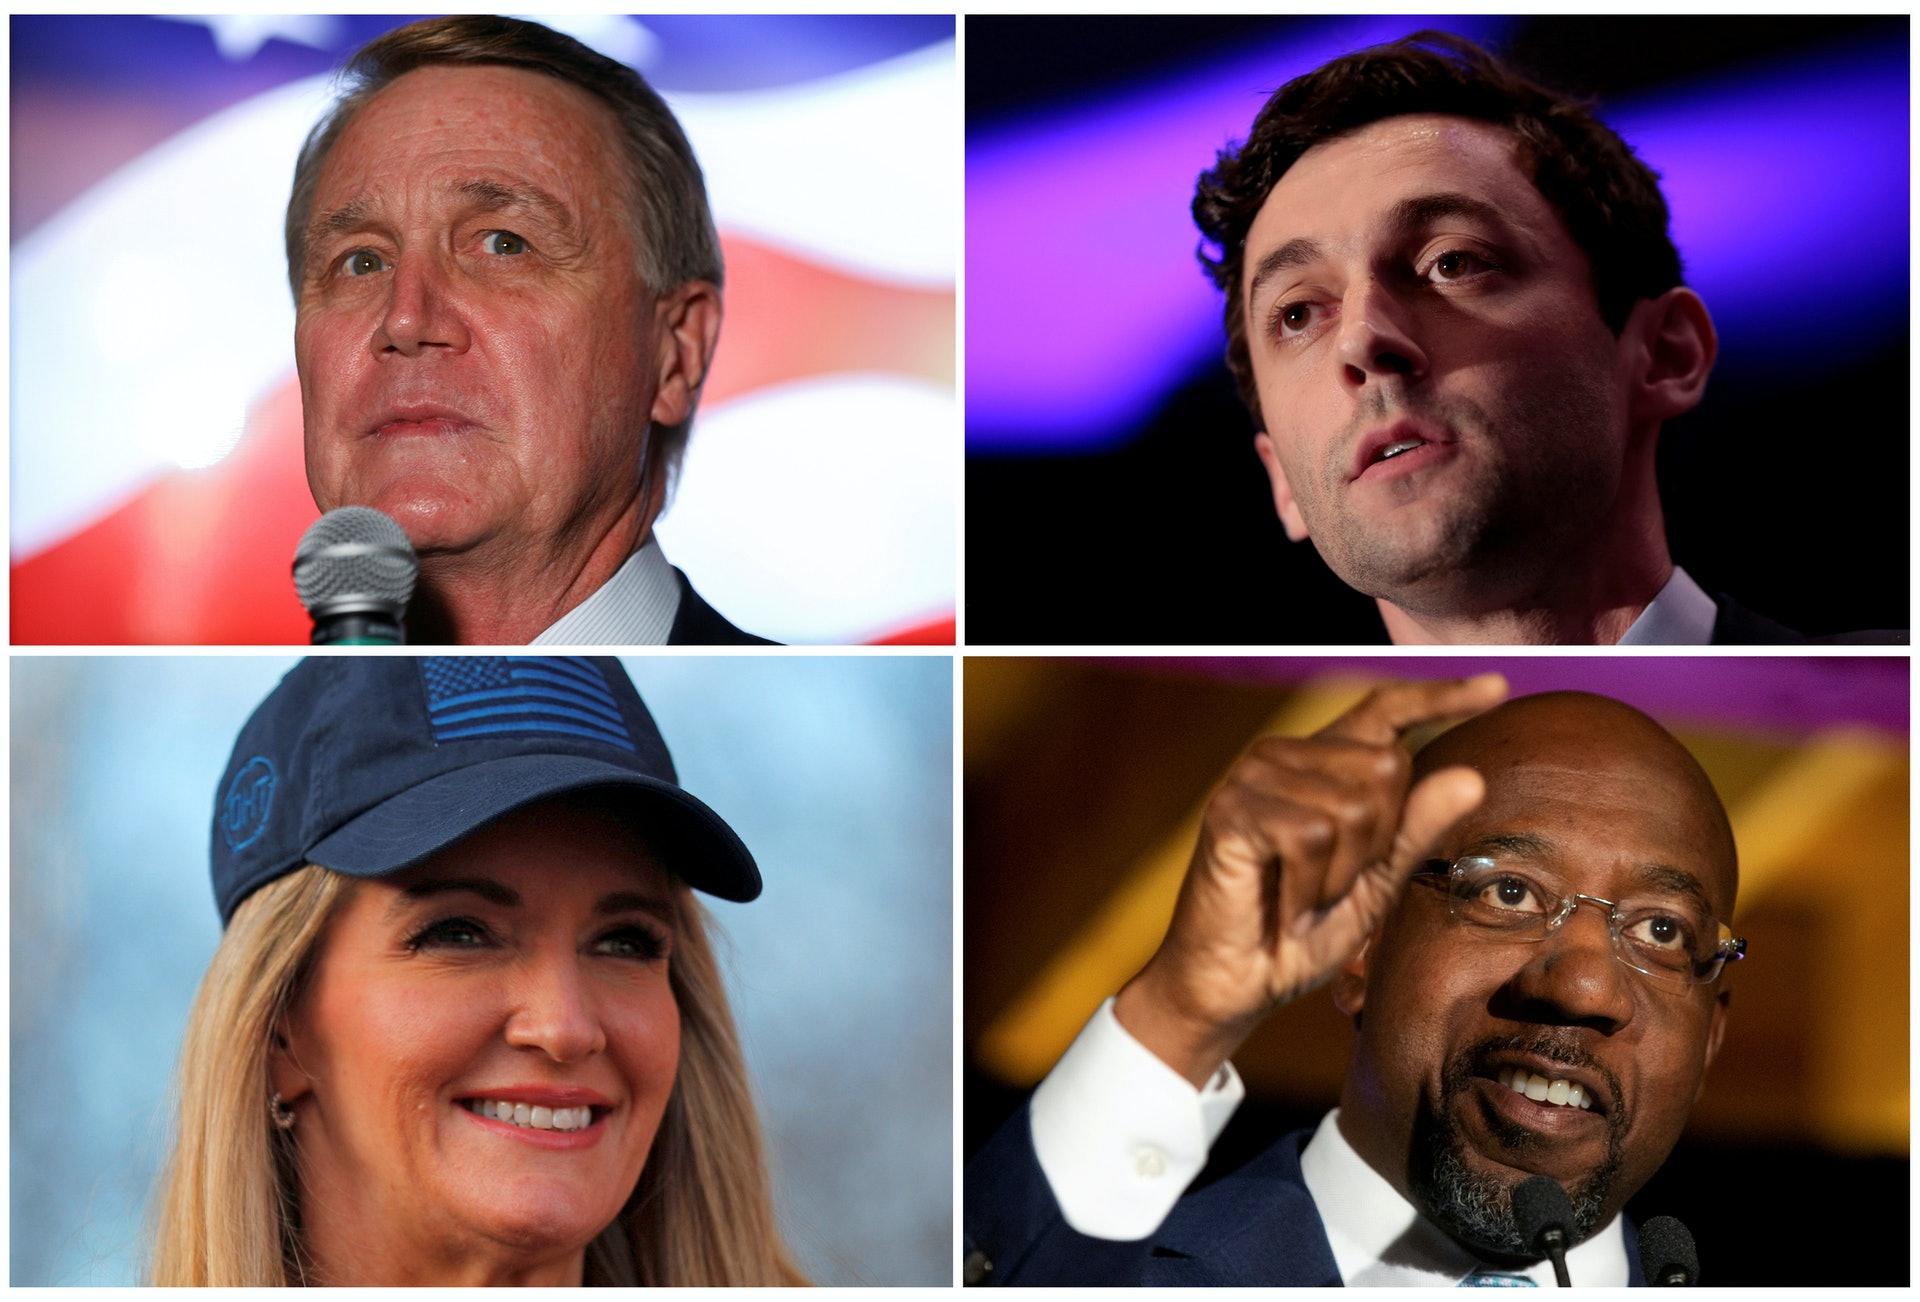 民主党确定乔州决选两席全拿 拜登可控两院